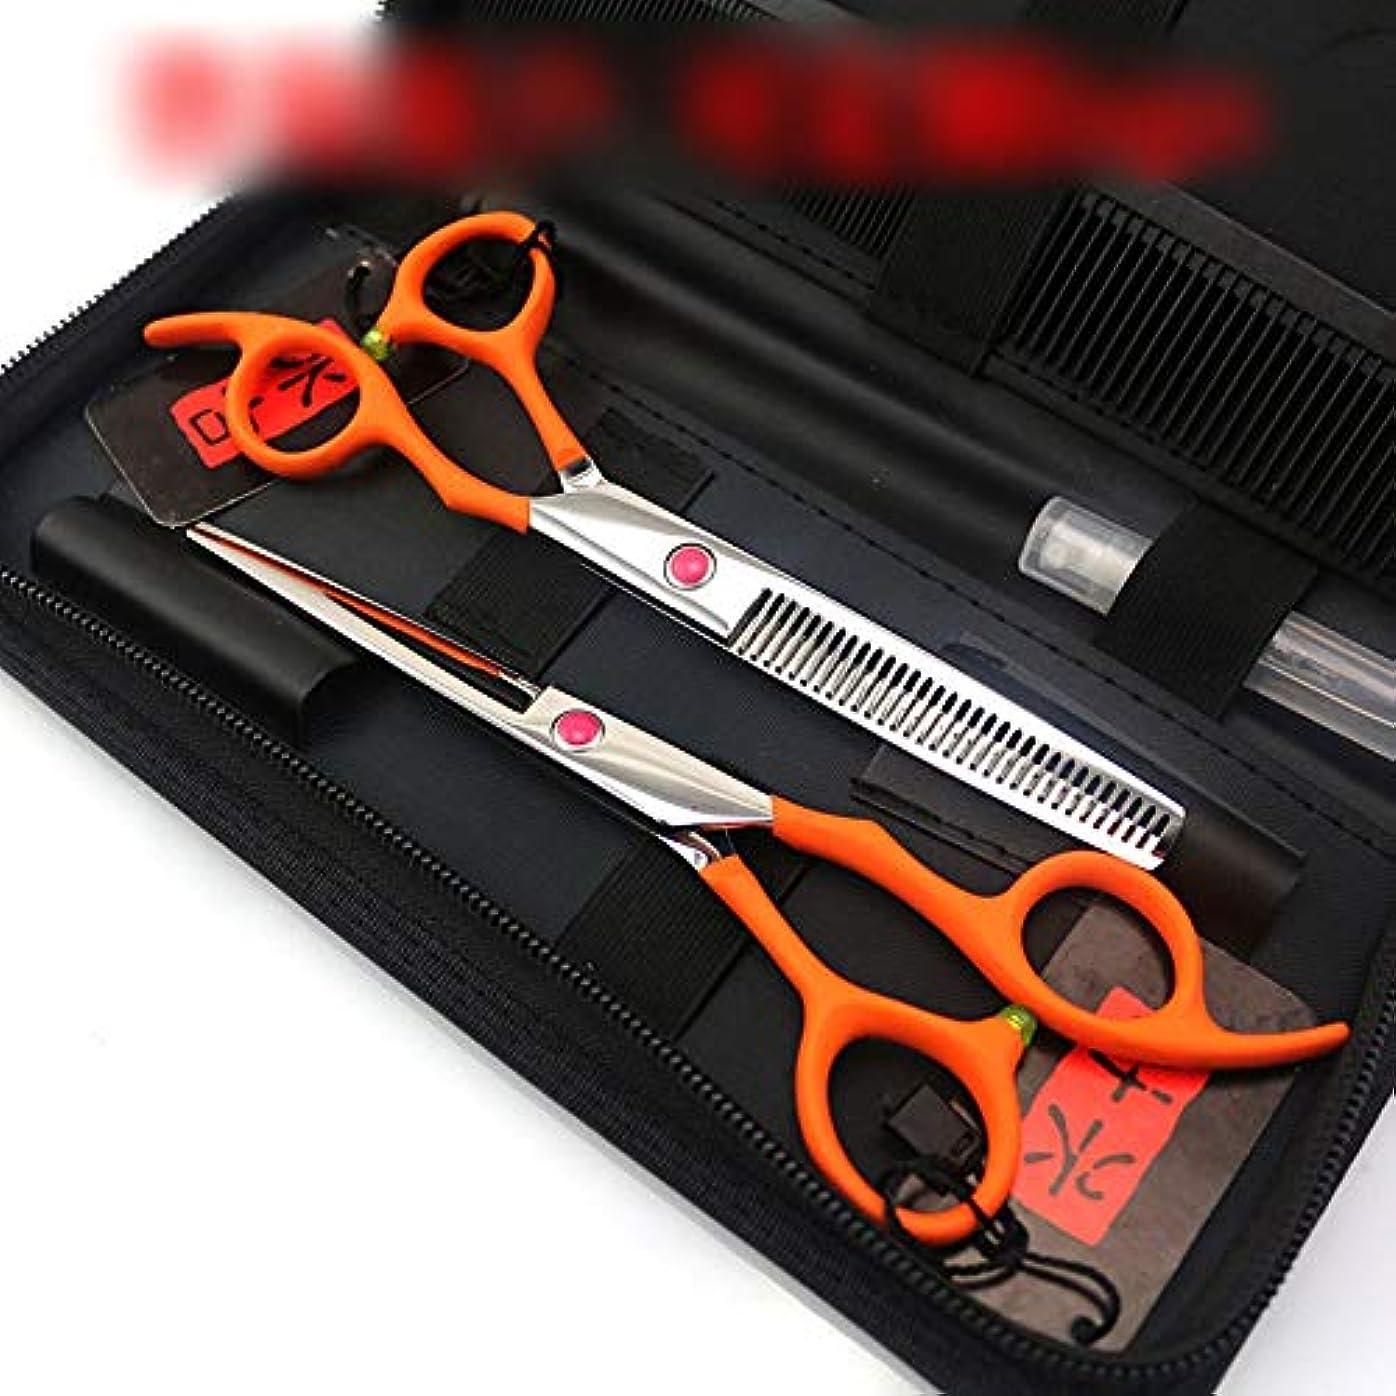 透明にベッツィトロットウッド可聴6.0インチのオレンジ専門理髪はさみセット、ハイエンド専門理髪ツールセット ヘアケア (色 : オレンジ)